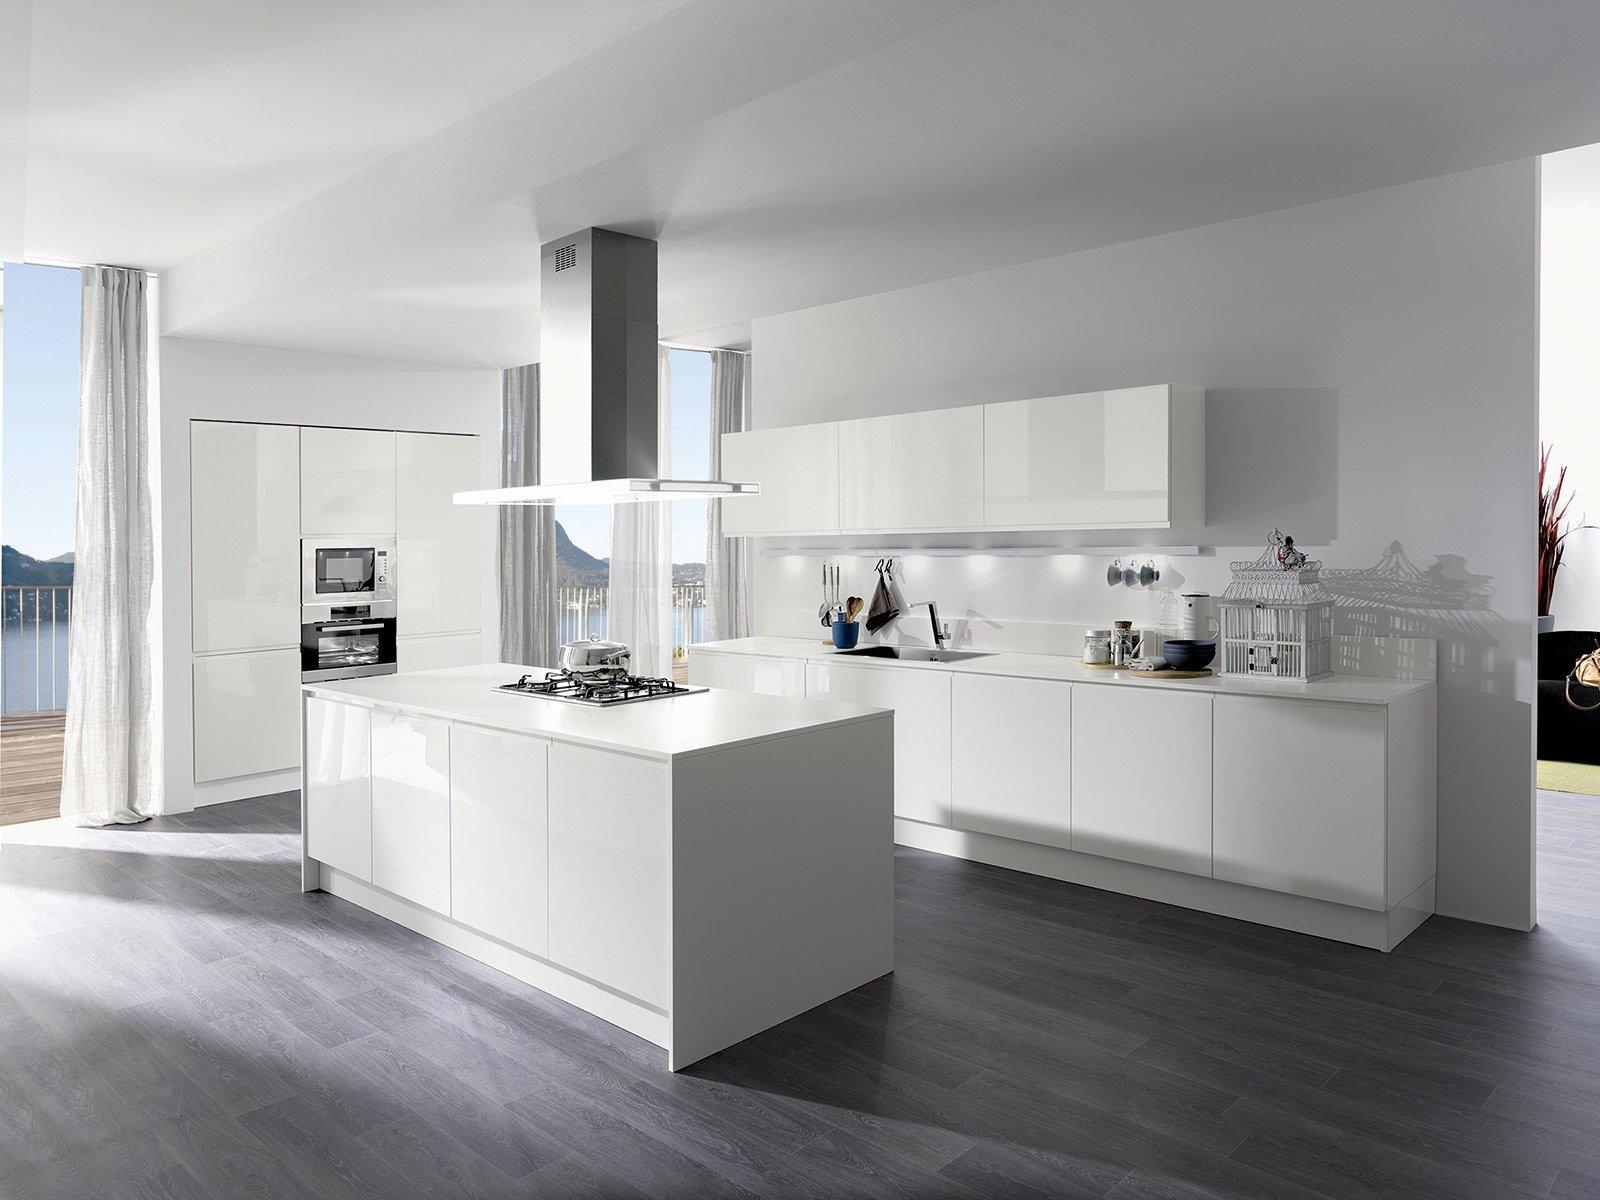 Forum Arredamento.it • Progetto cucina...consiglio colore